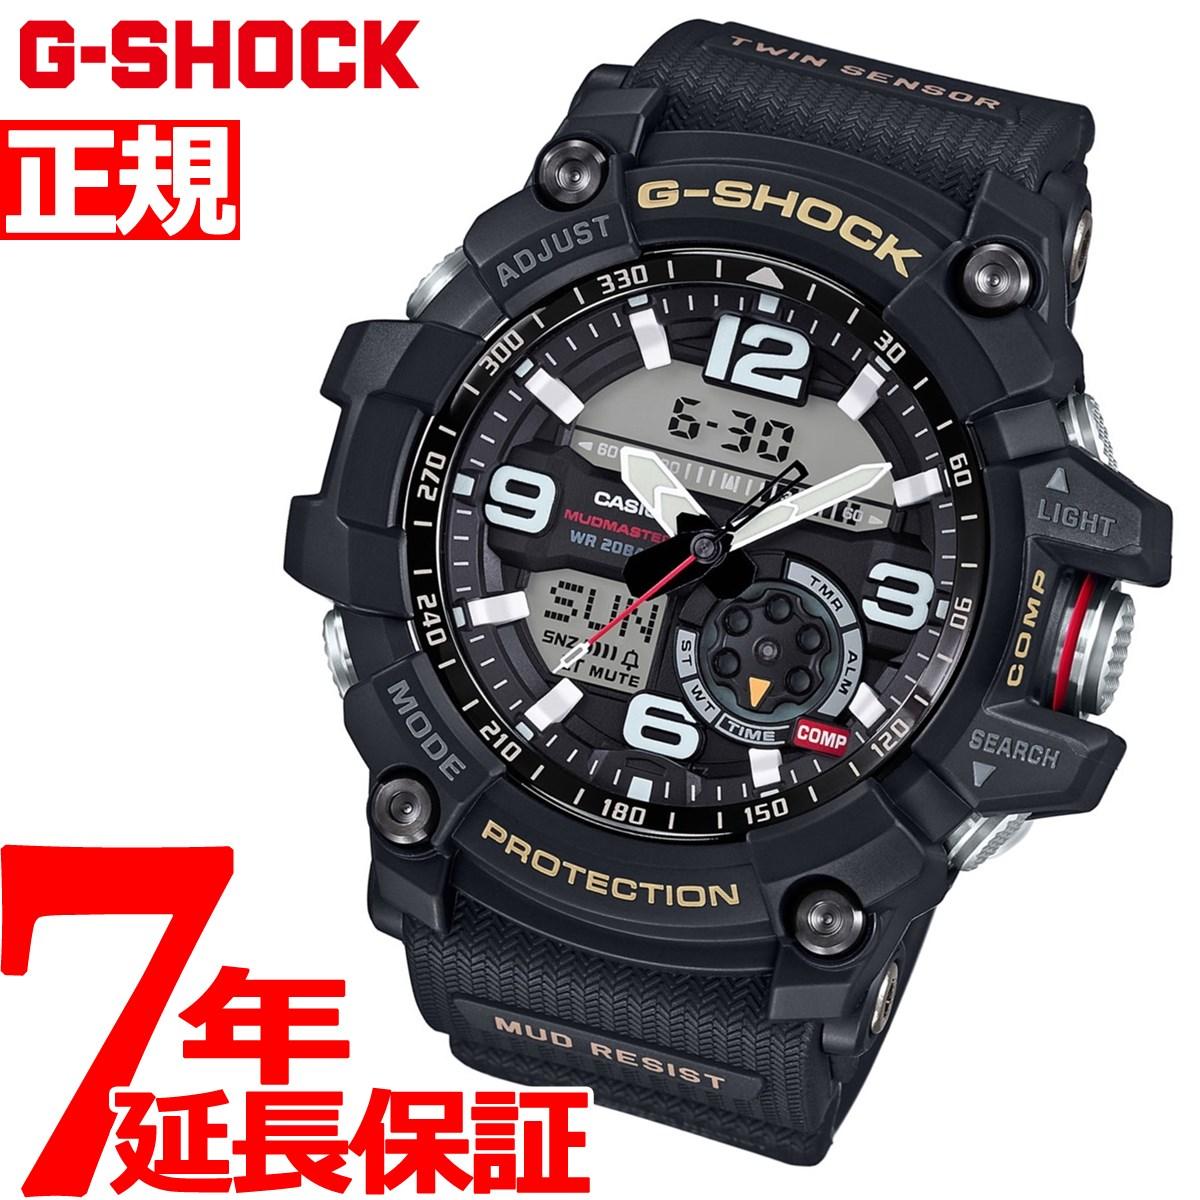 【お買い物マラソンは当店がお得♪本日20より!】G-SHOCK MUDMASTER カシオ Gショック マッドマスター CASIO 腕時計 メンズ アナデジ GG-1000-1AJF